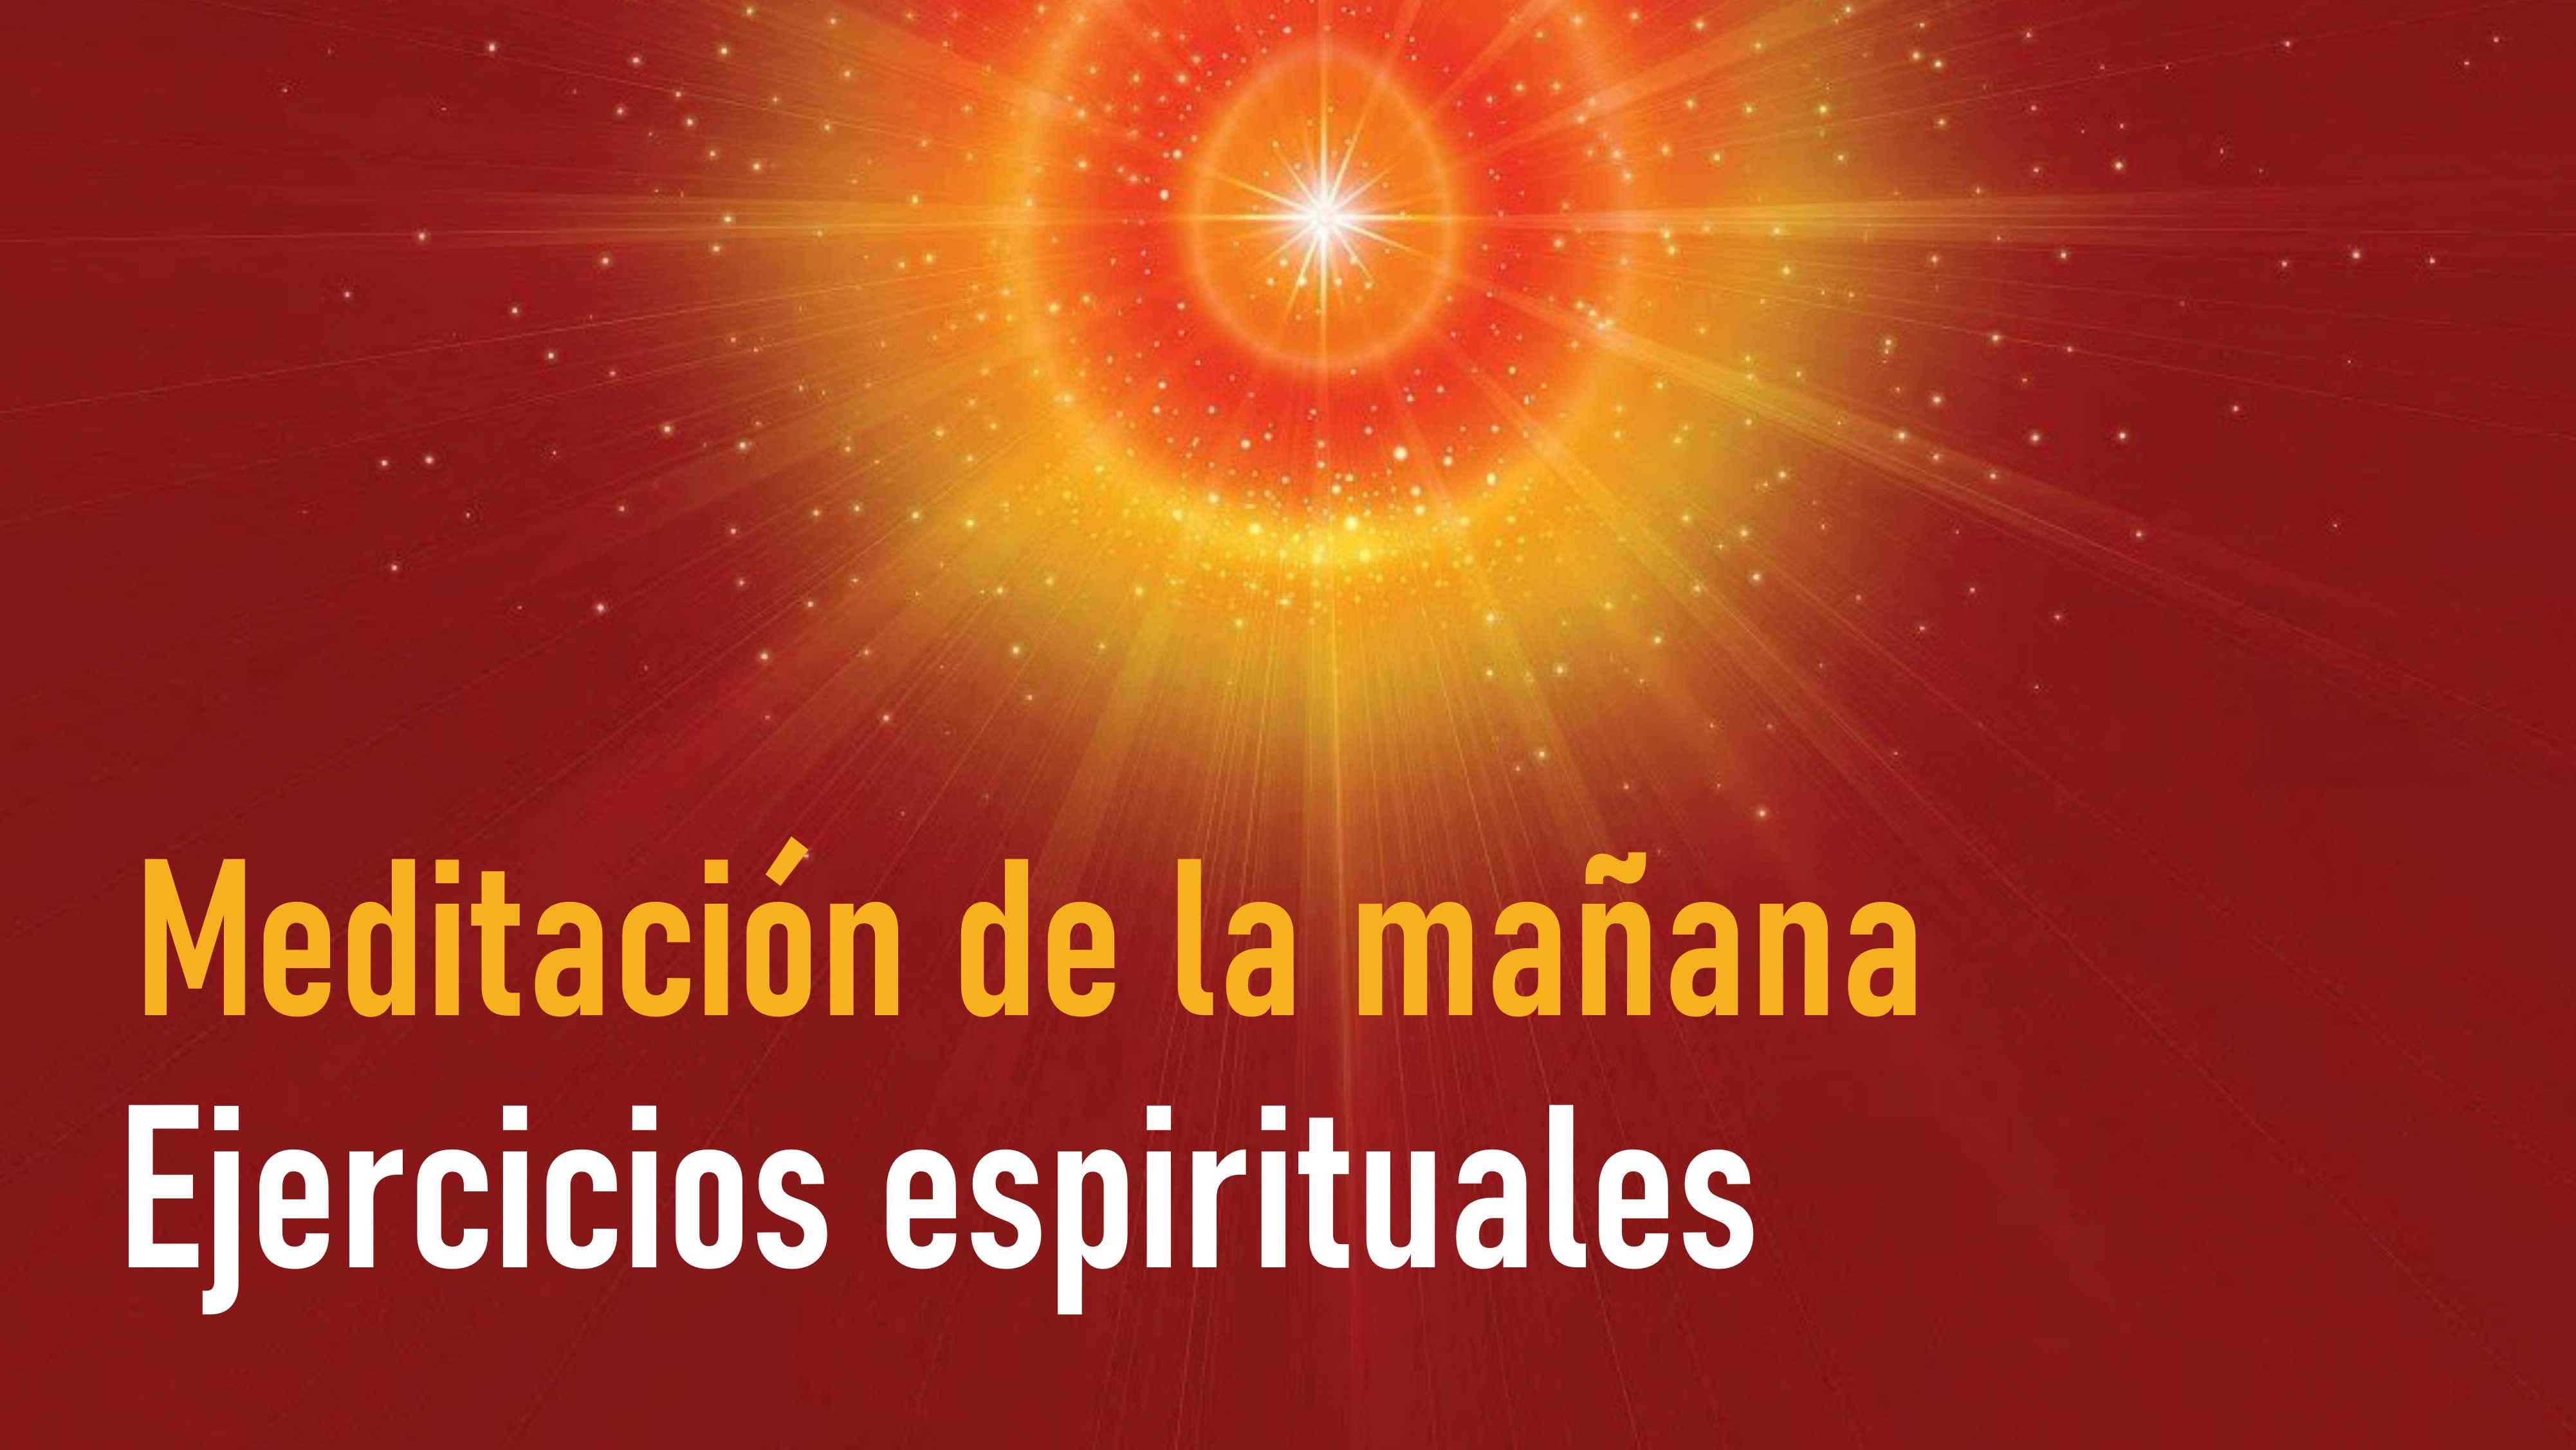 Meditación de la mañana: Ejercicios espirituales (18 Agosto 2020)